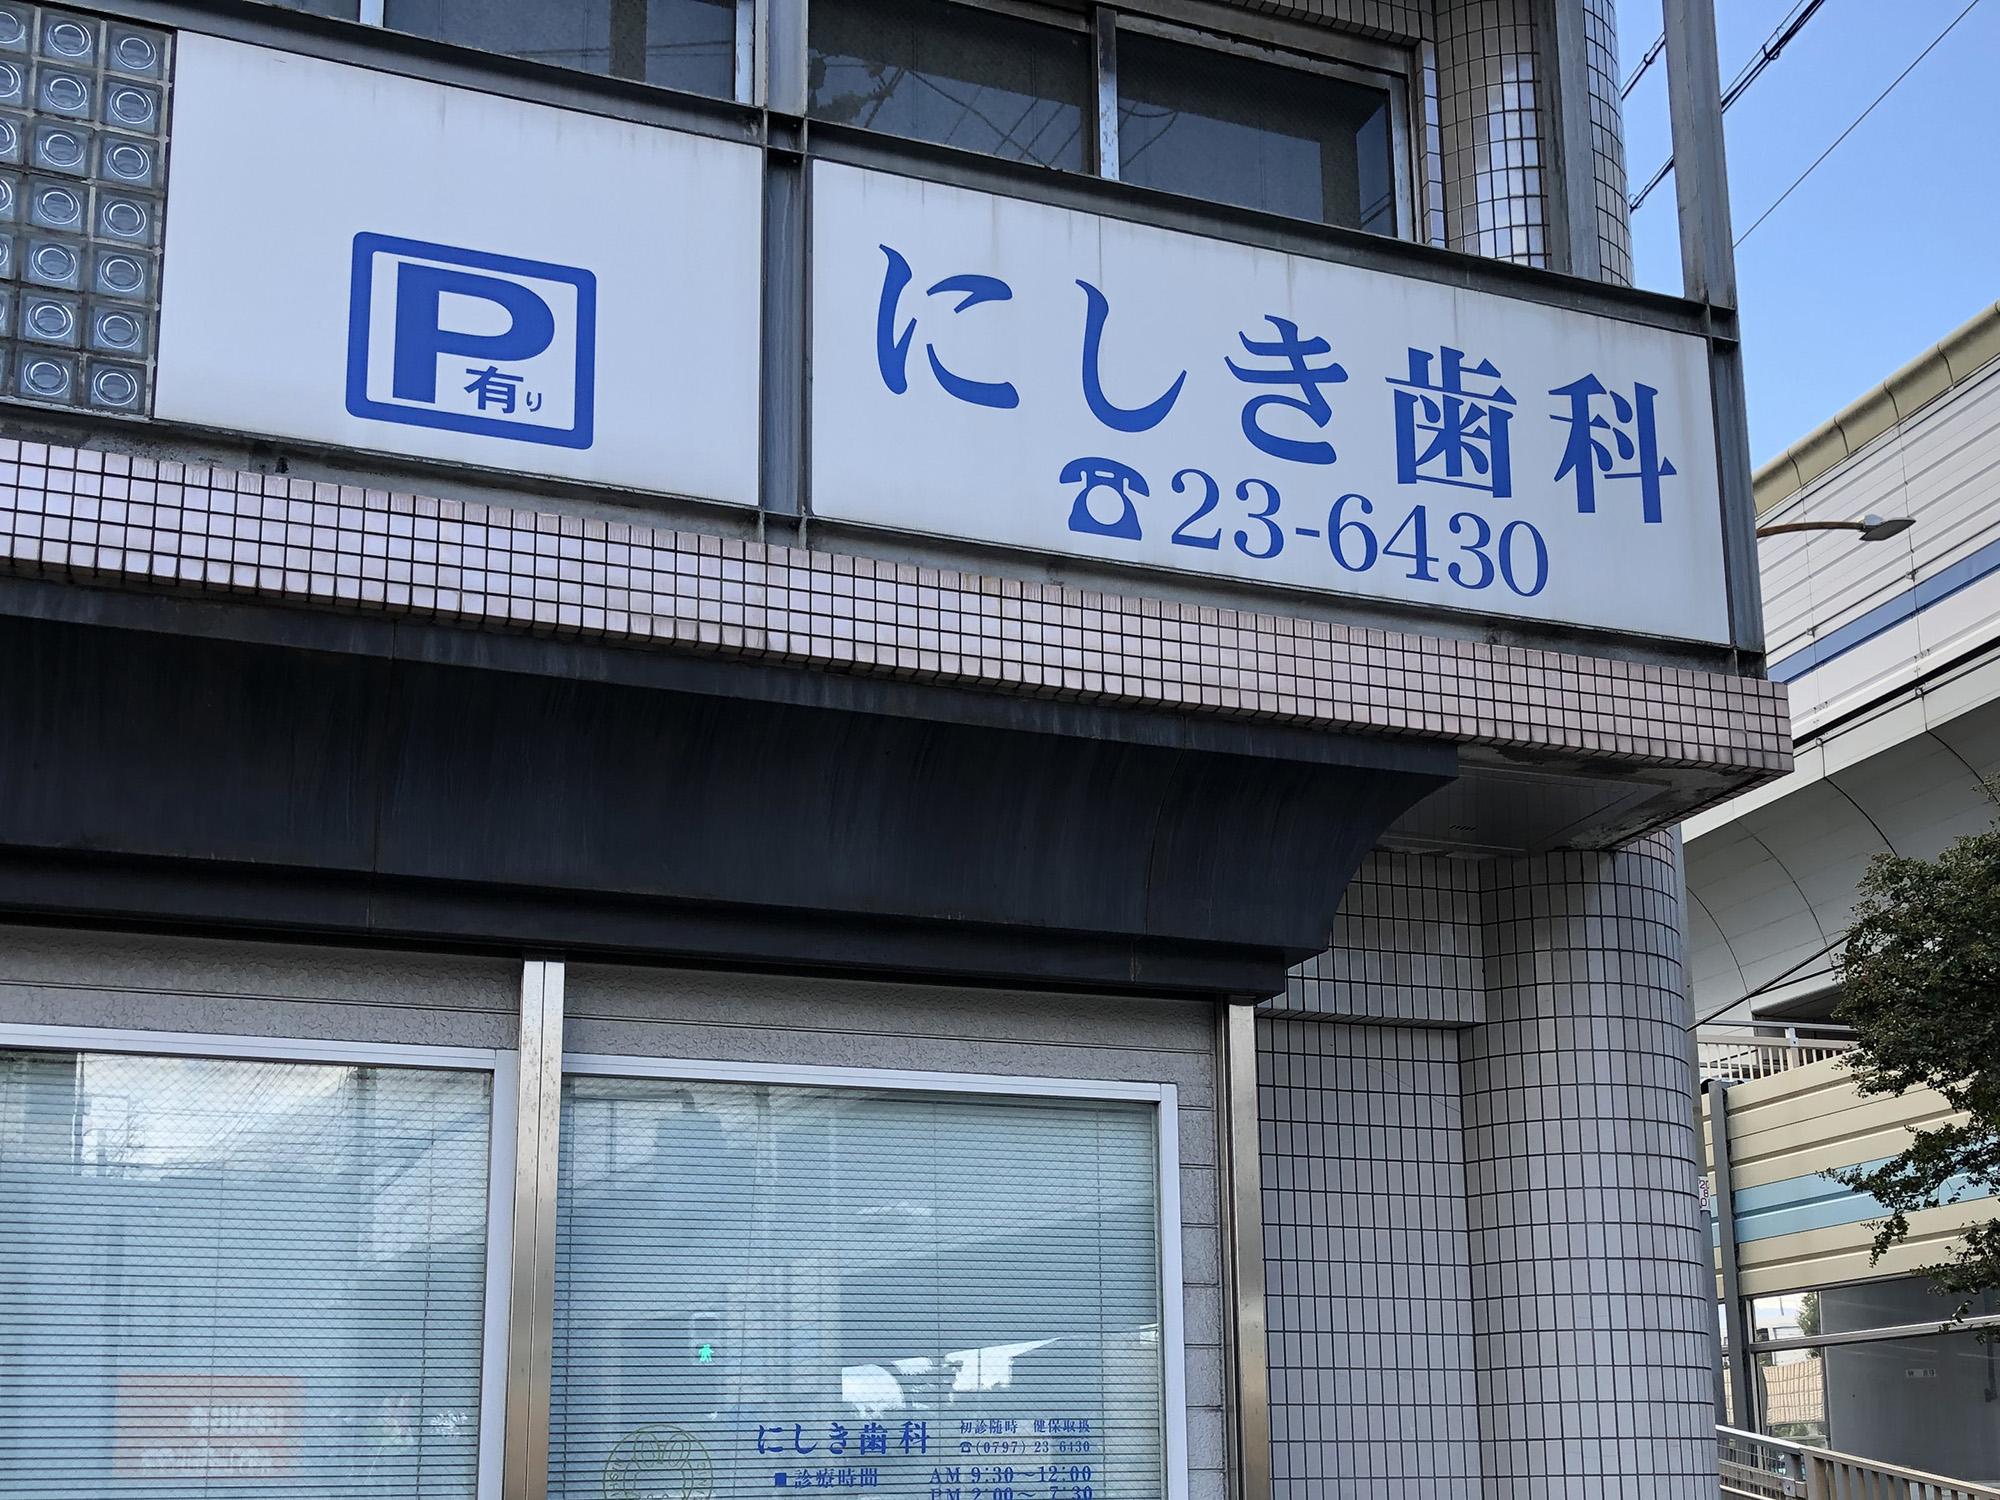 にしき歯科医院